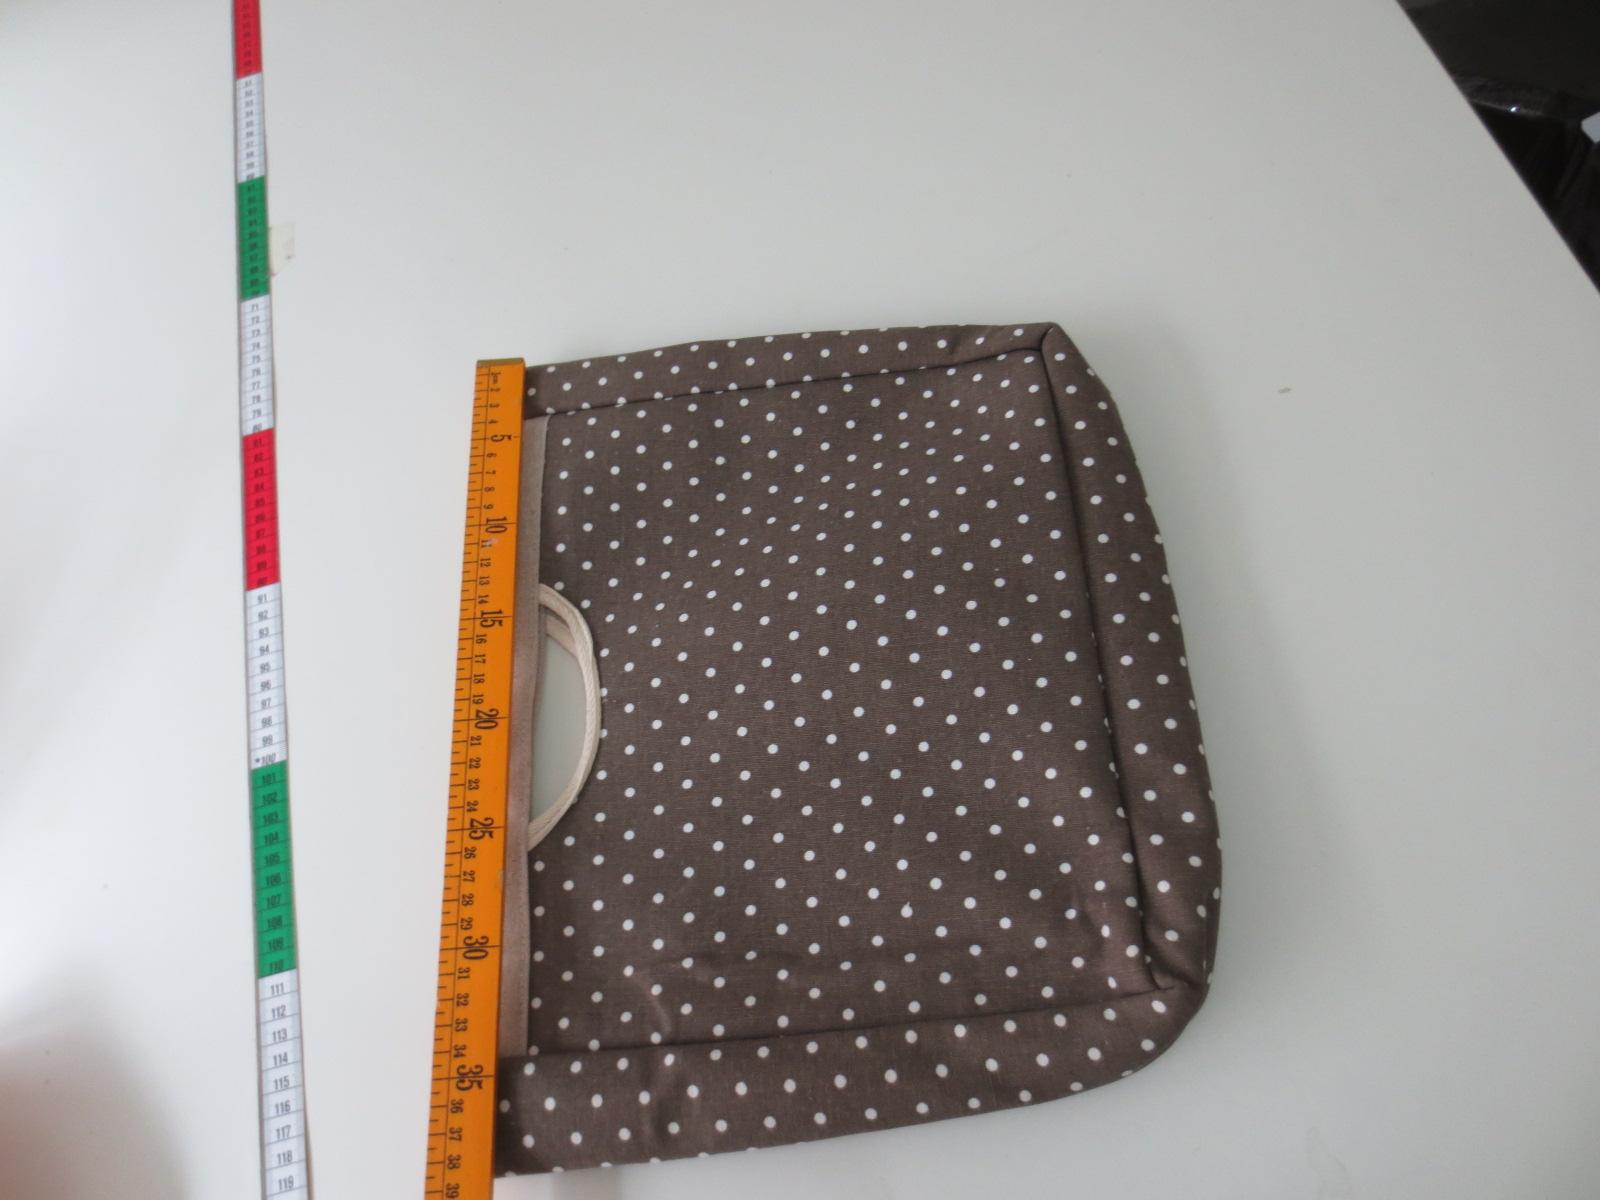 Сумка Корейская версия льняной ручной руки сумки сумки холст сумки бюро мешок компьютера портфель файлы учебниках женщин